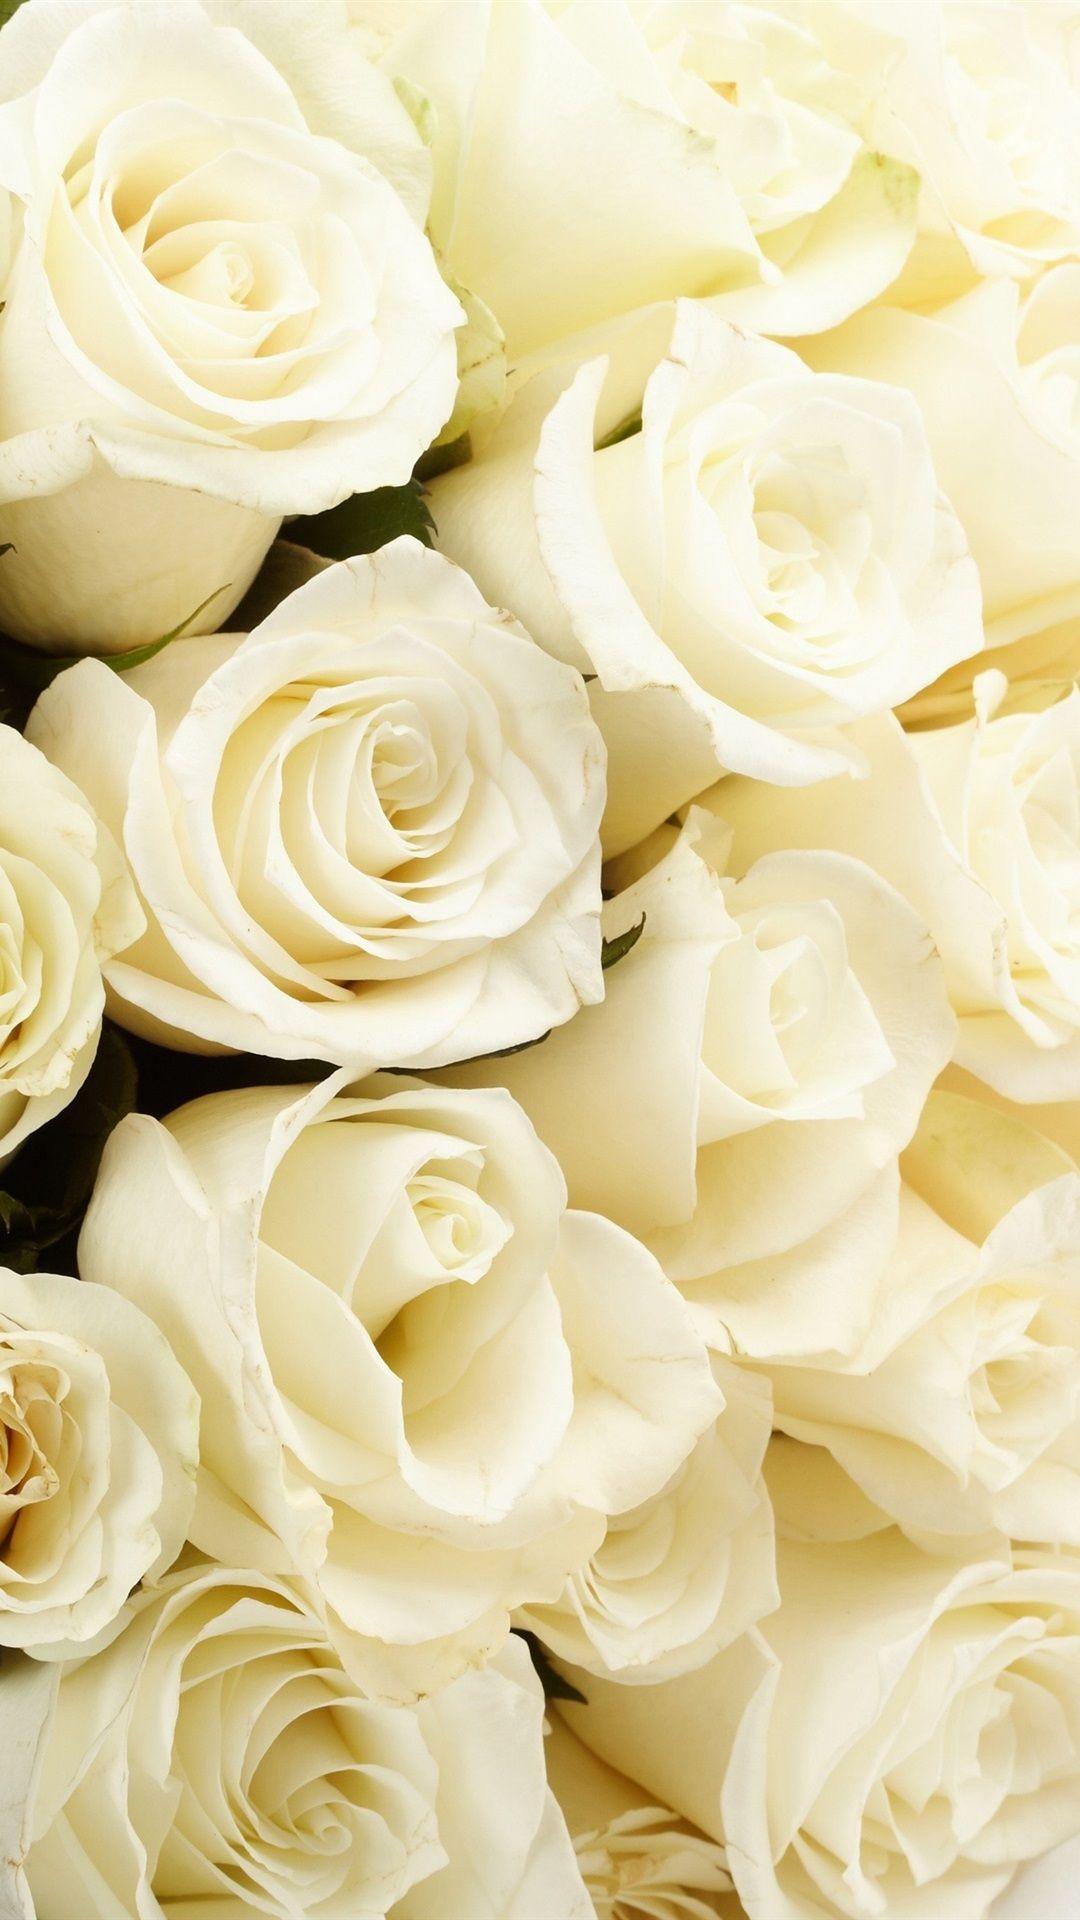 white rose wallpaper for mobile